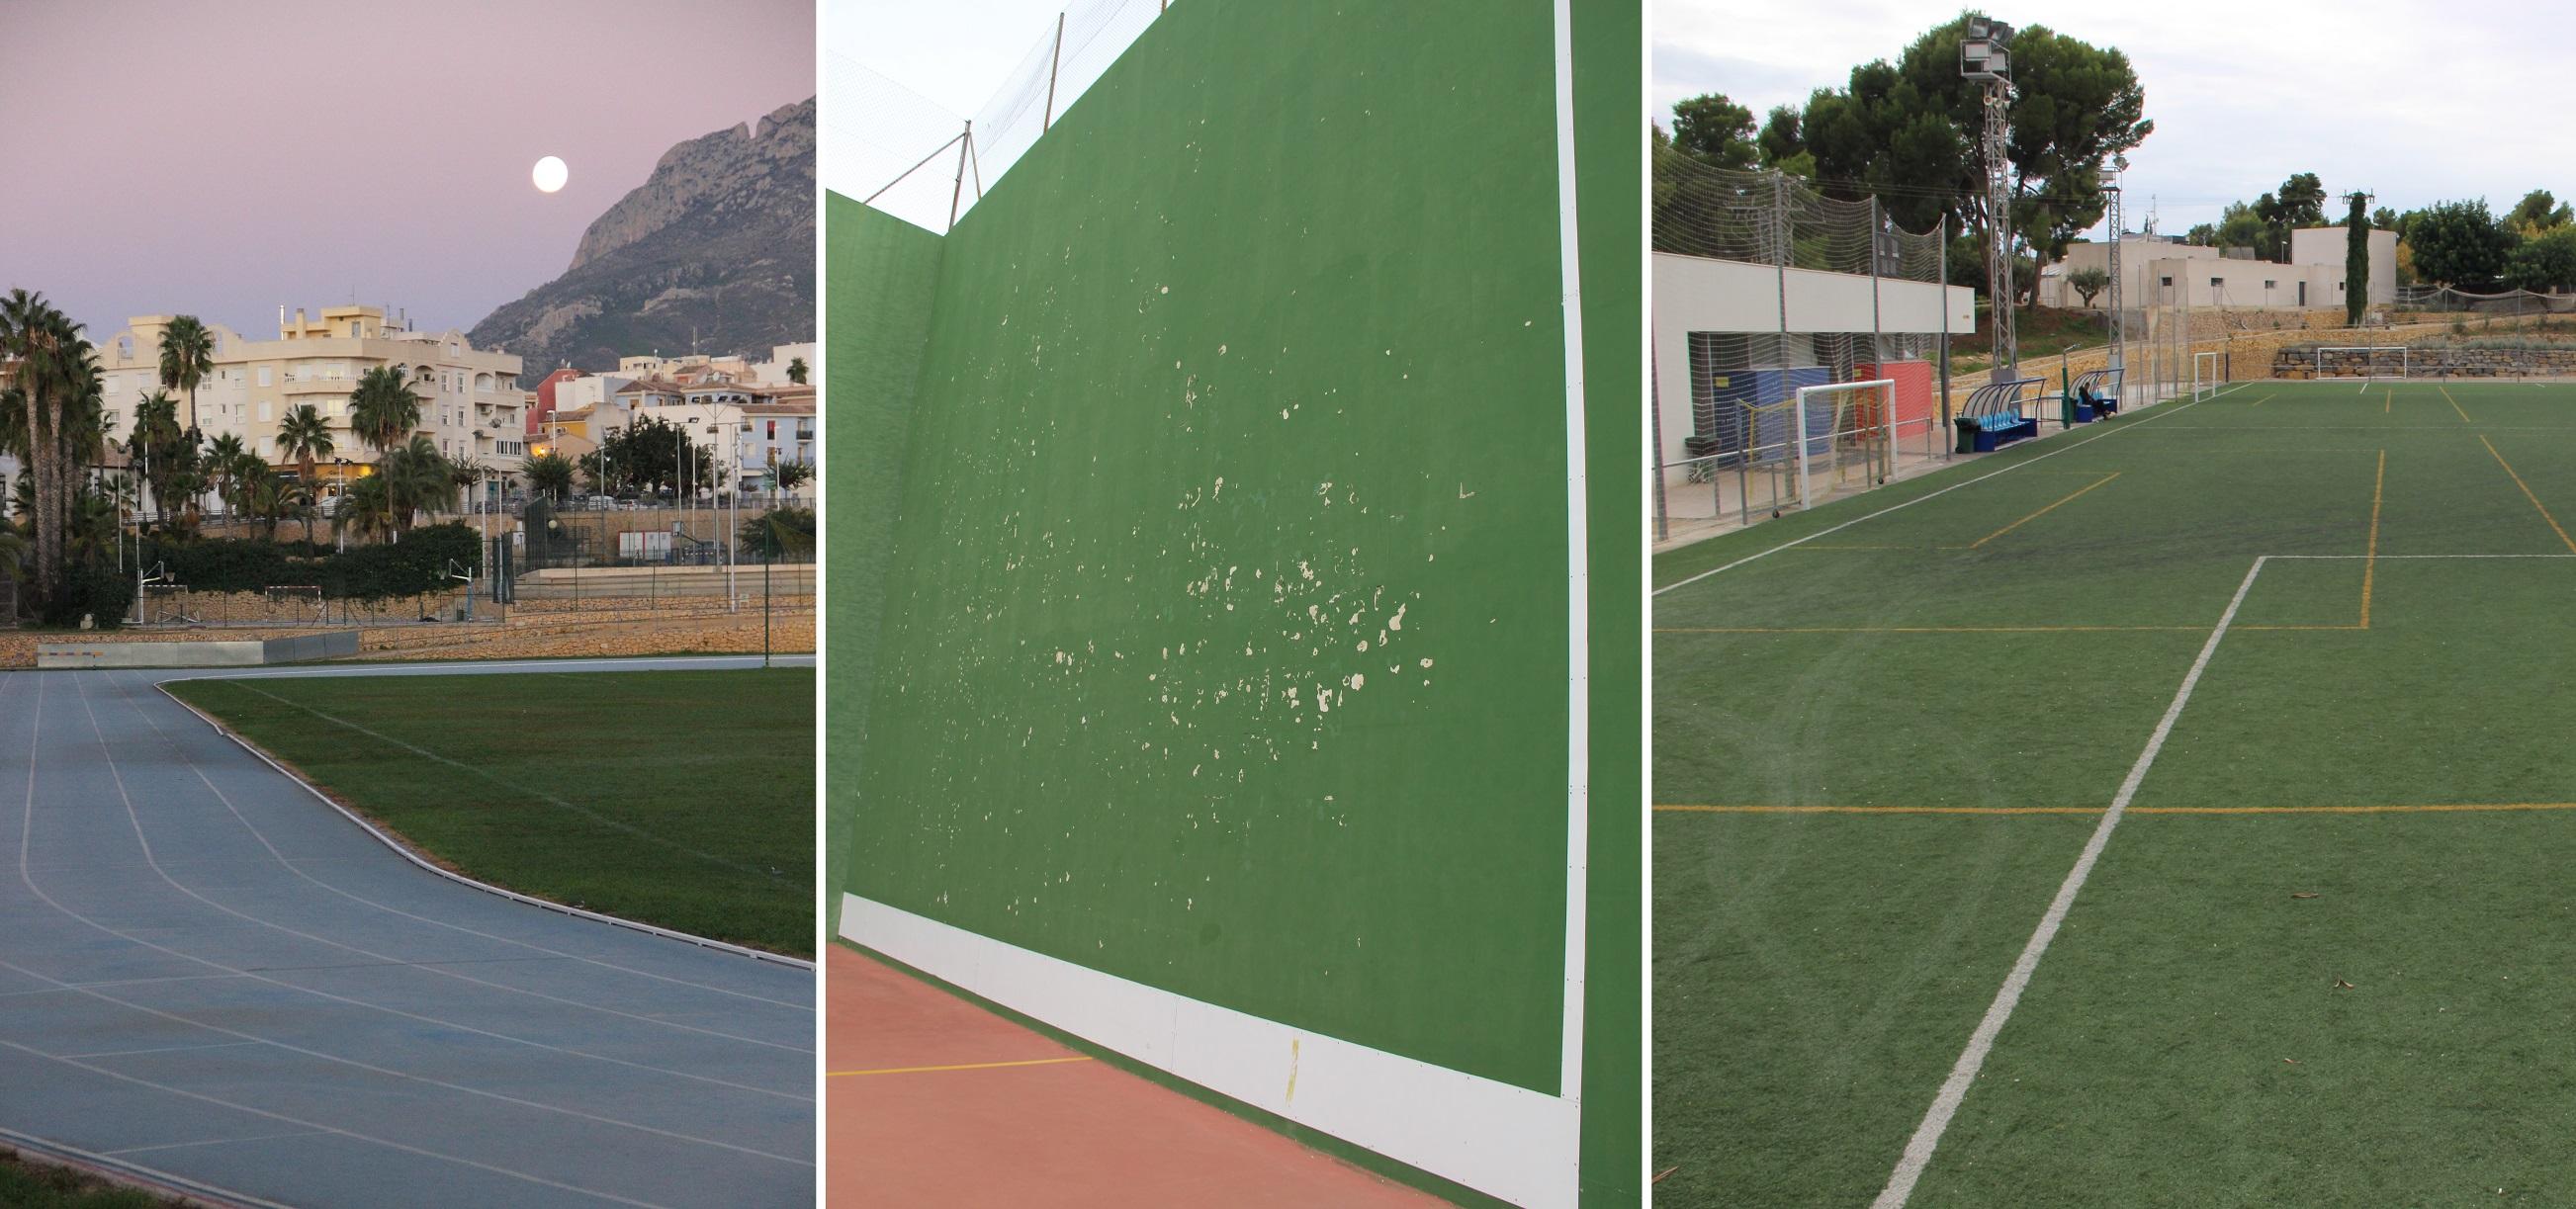 La concejalía de deportes  invertirá mas de 30.000 €uros en la mejora del polideportivo.